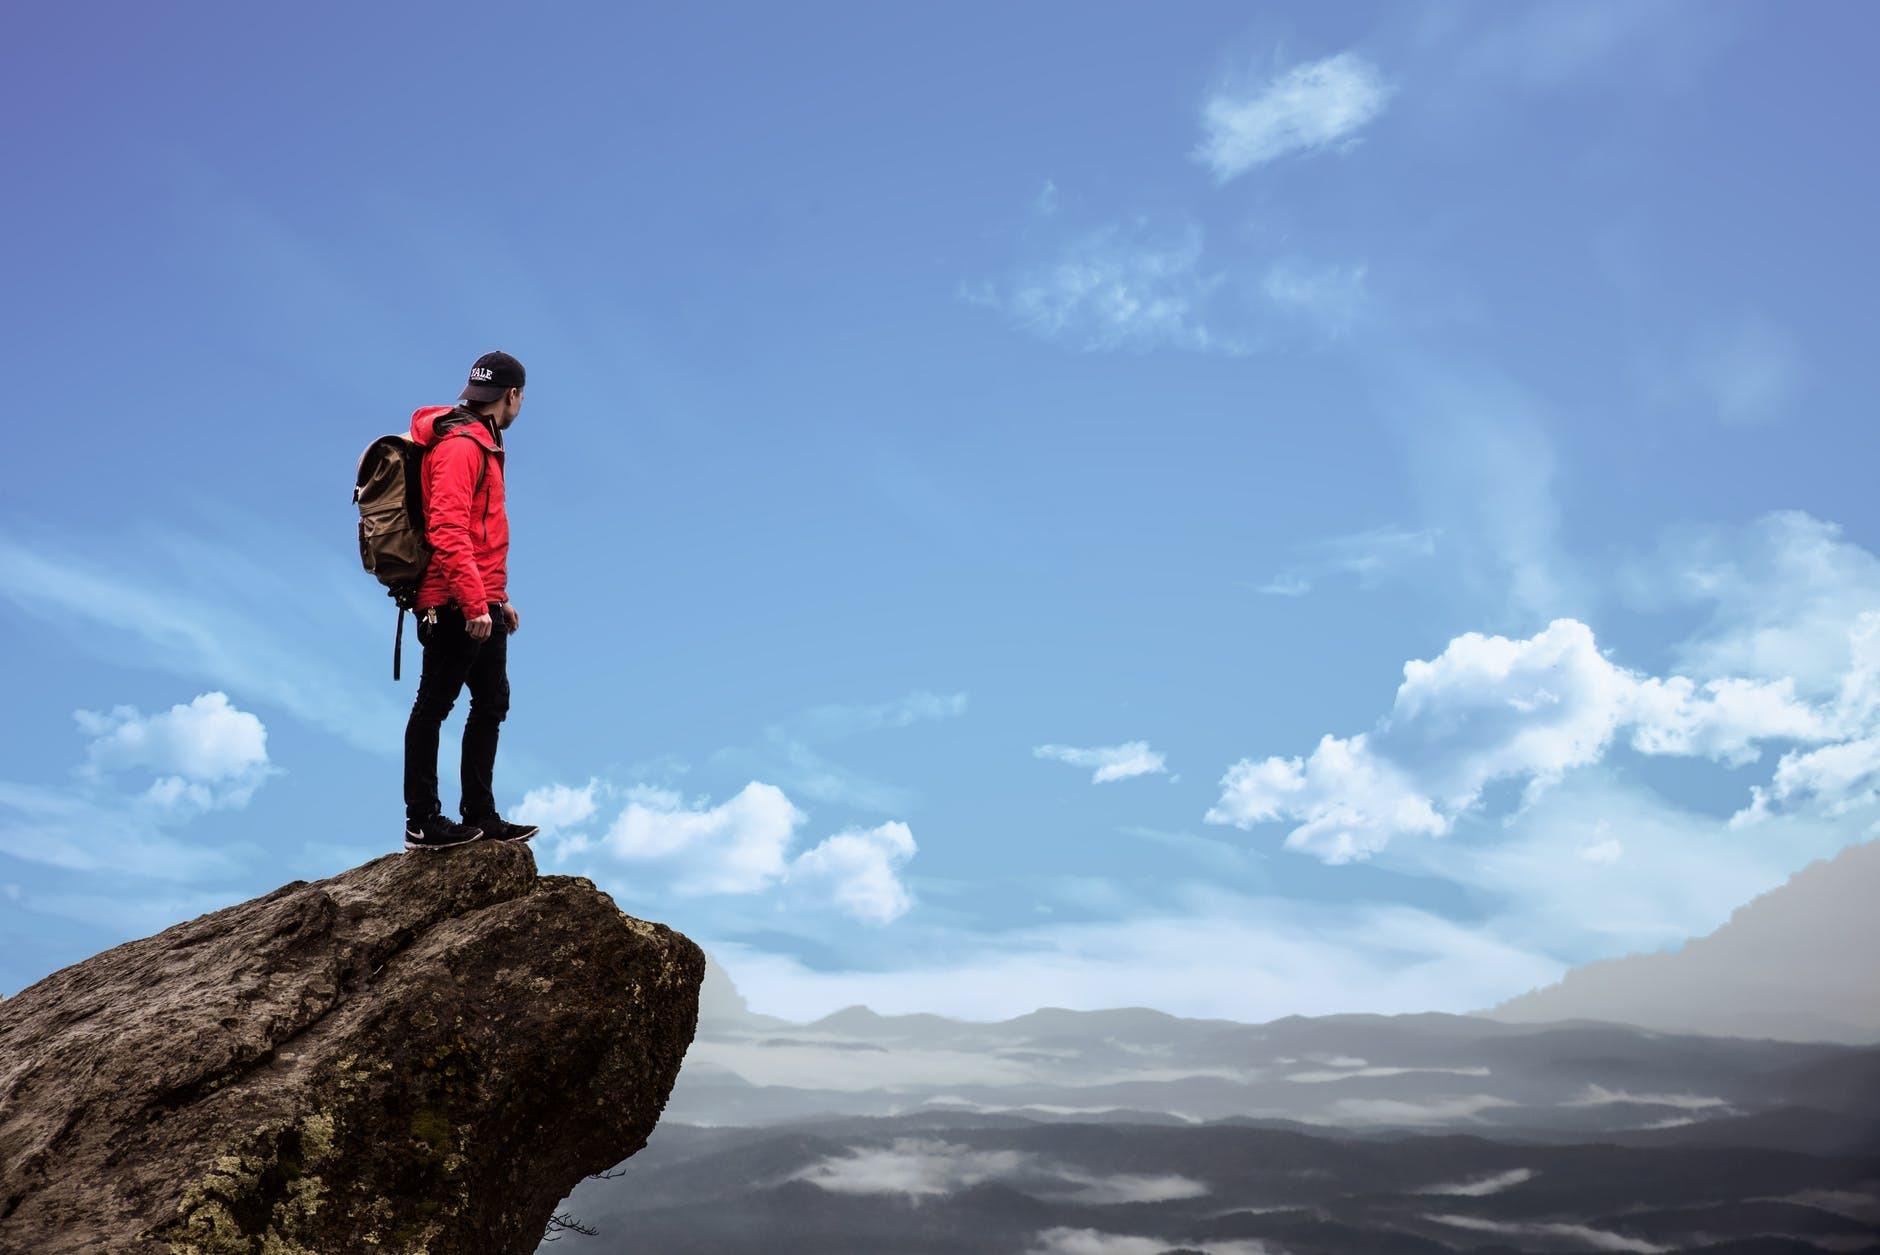 Як уникнути неприємностей в подорожі